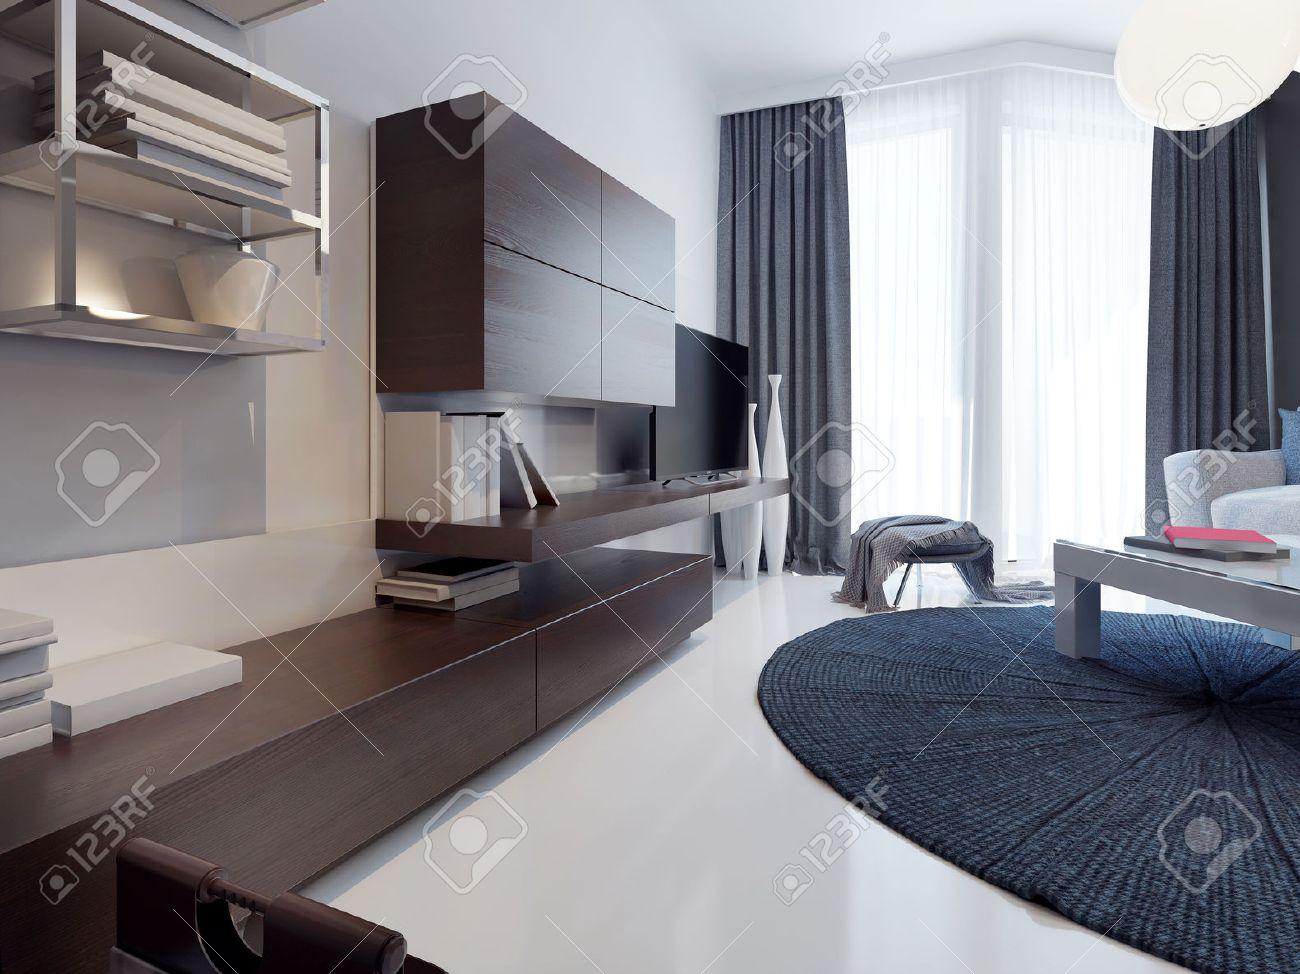 Moderne Wohnzimmer Design Matte Tv Möbel Möbel Braun Weiß Gegossen